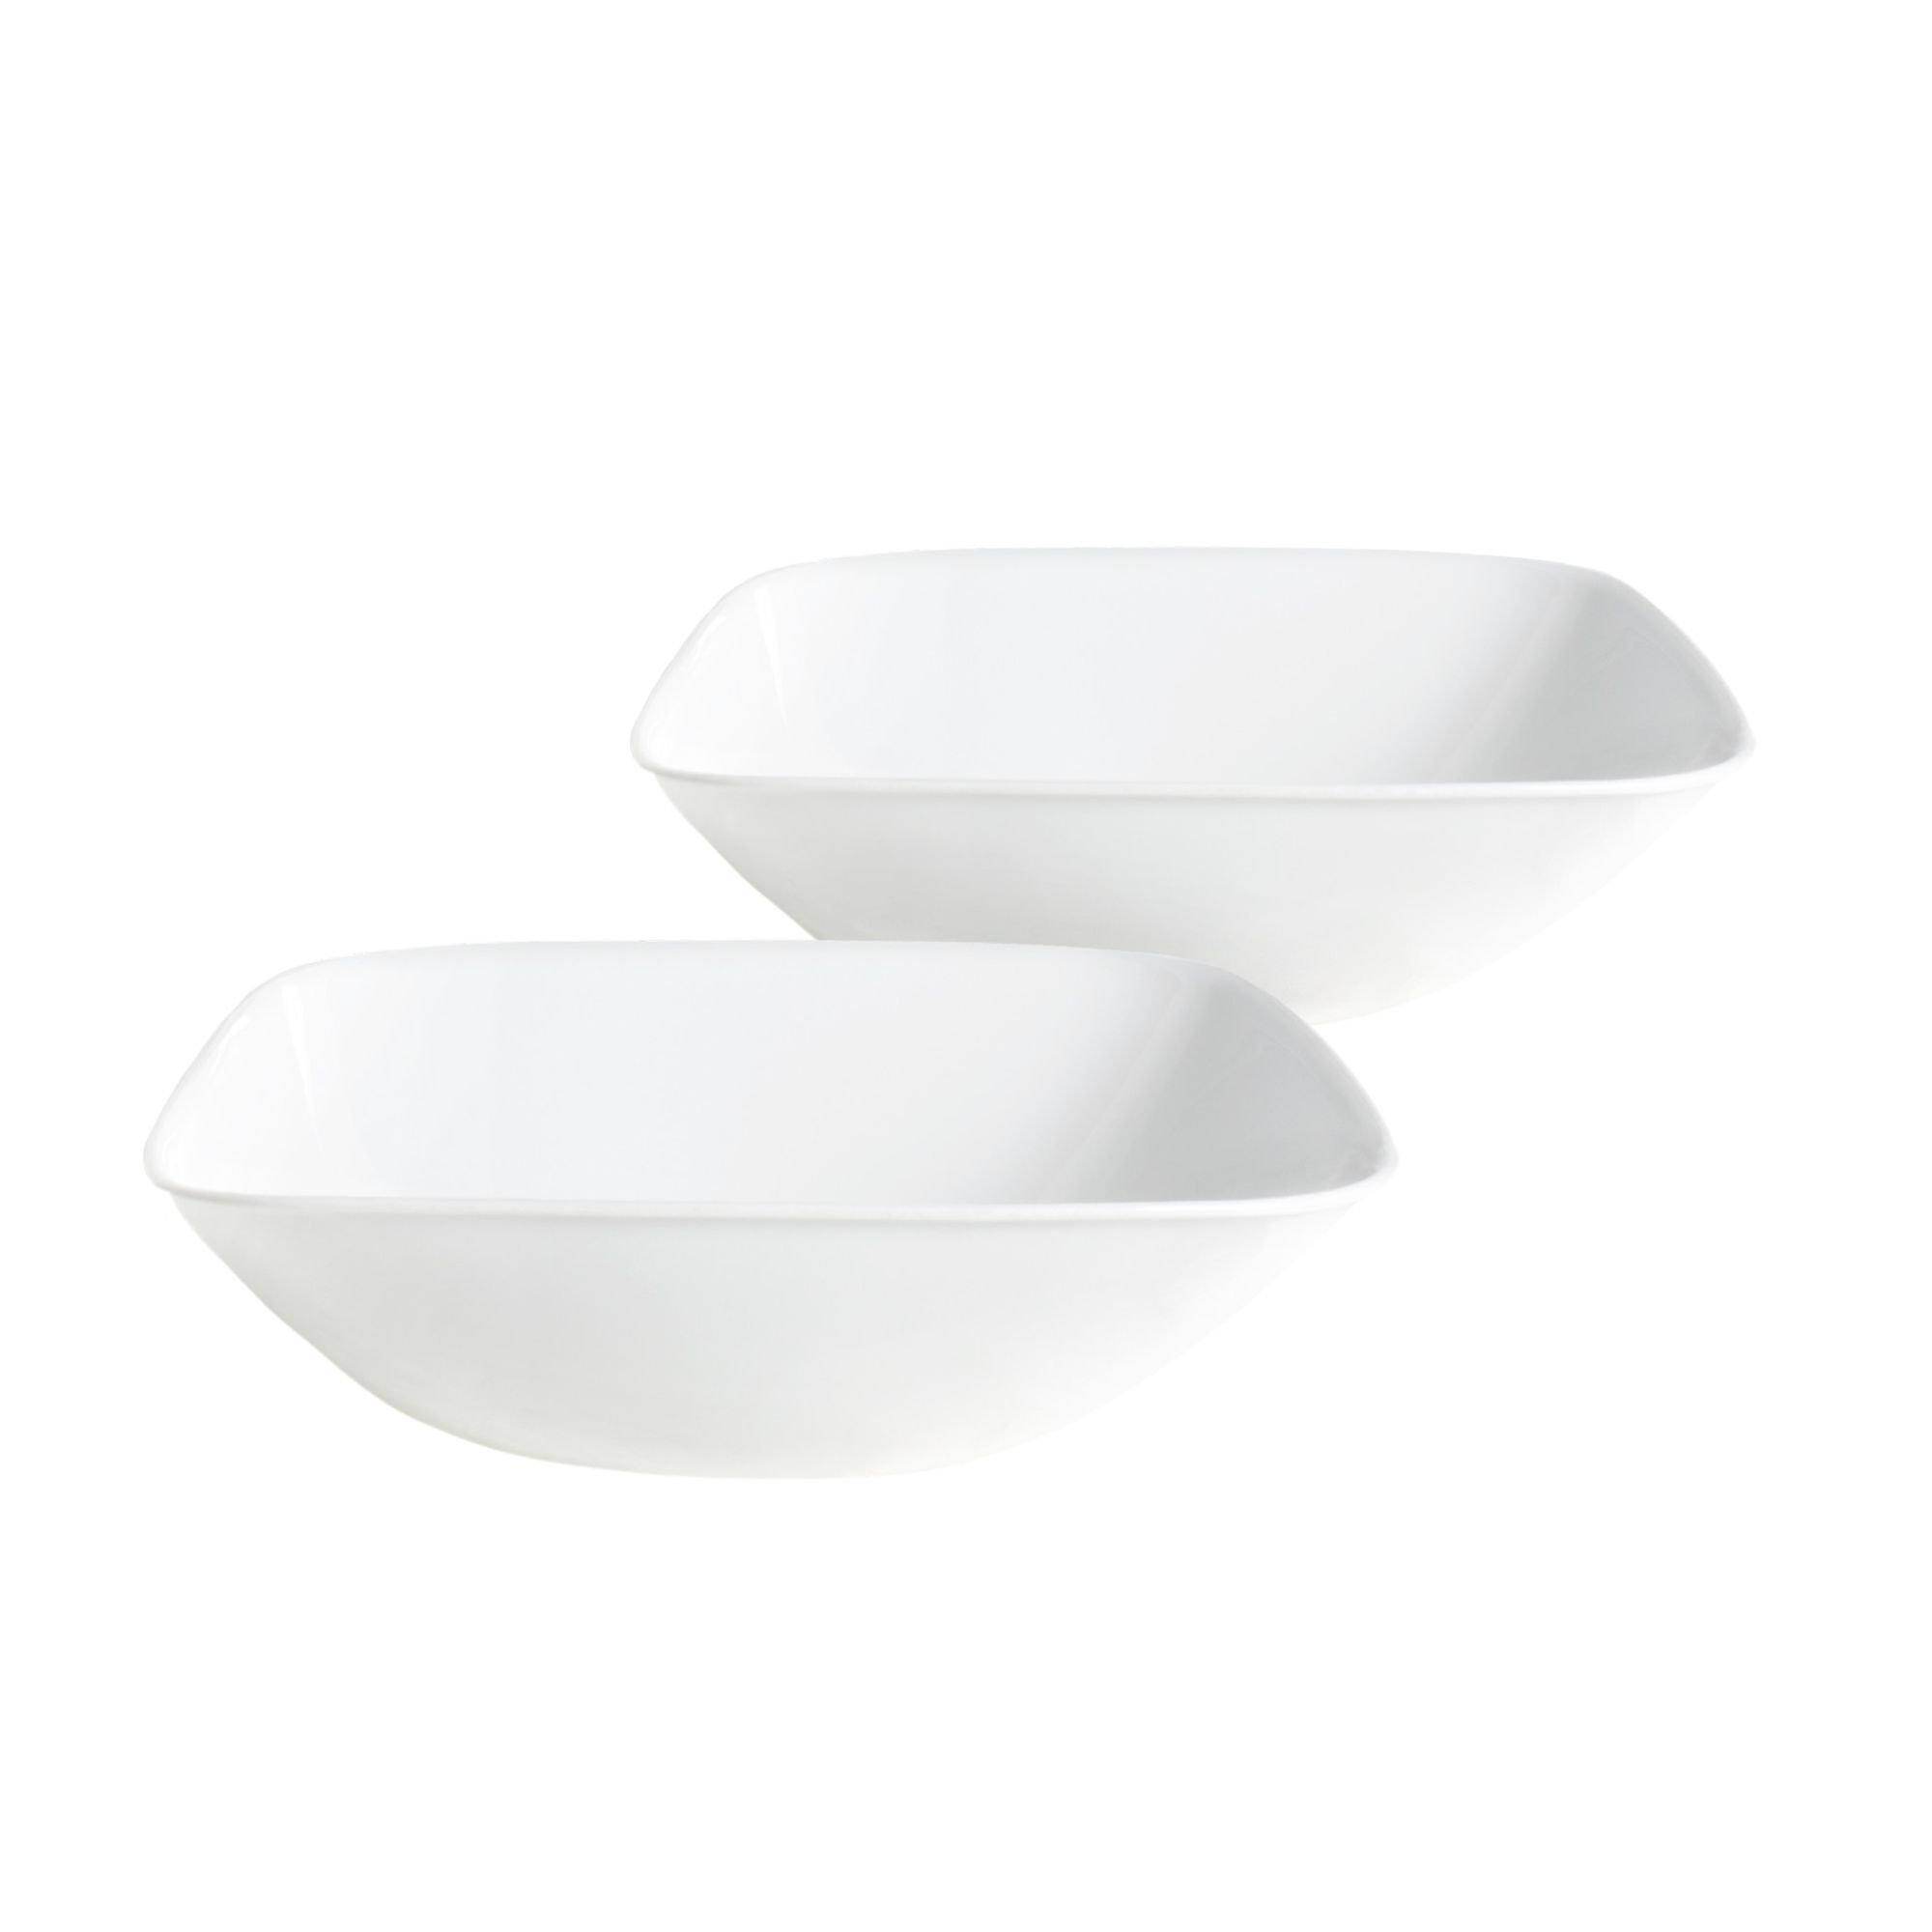 Corelle Square Pure White 1-Quart Bowl Set (2-Piece)